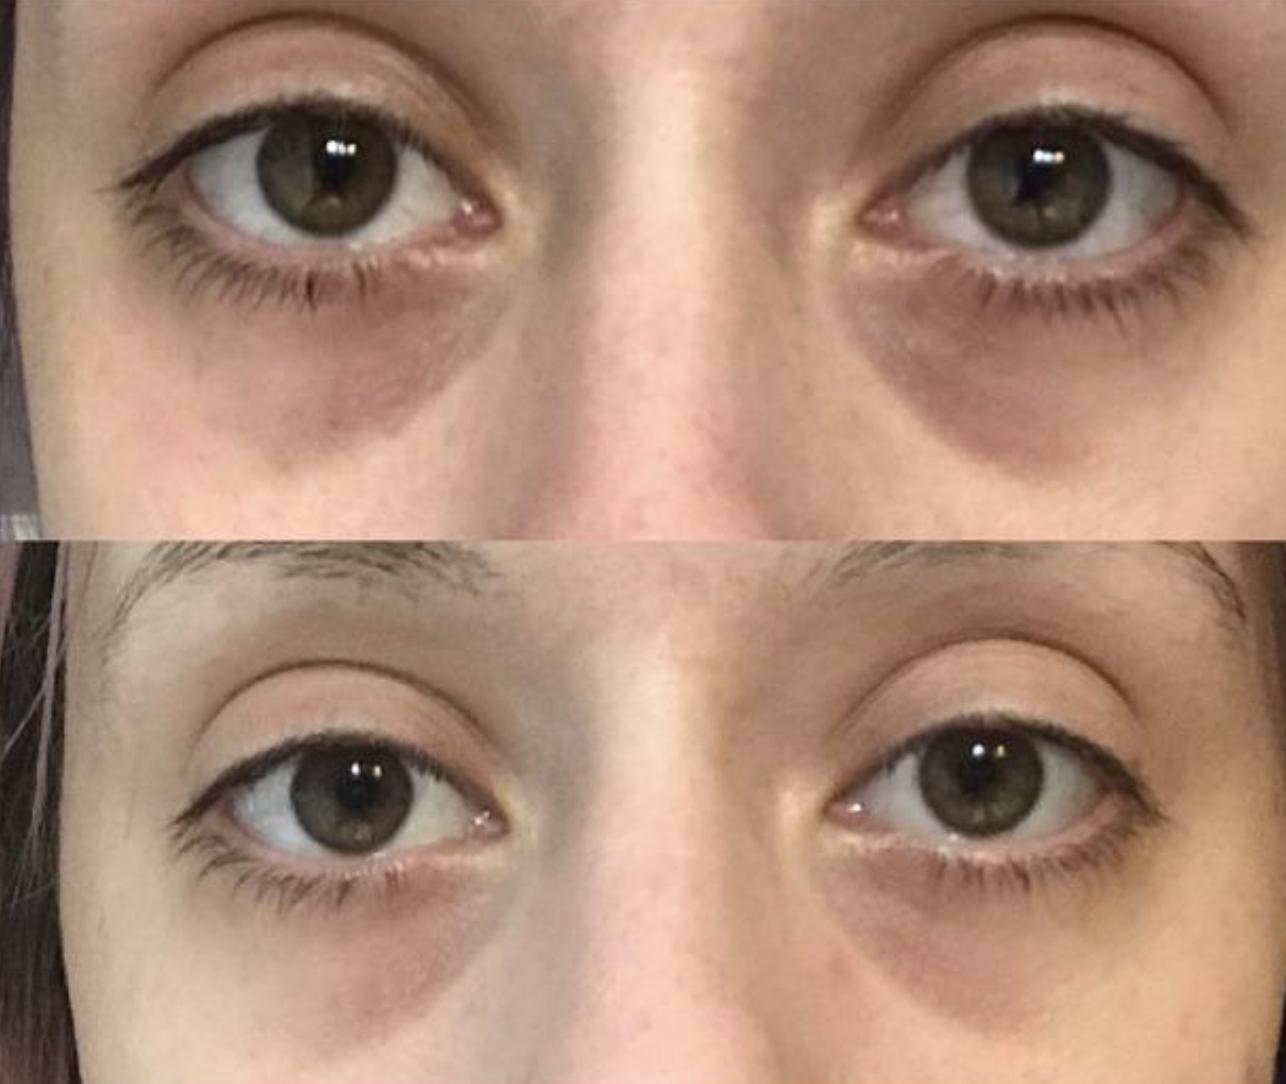 reviewer before photo of visible dark circles and after photo of visibly less dark circles